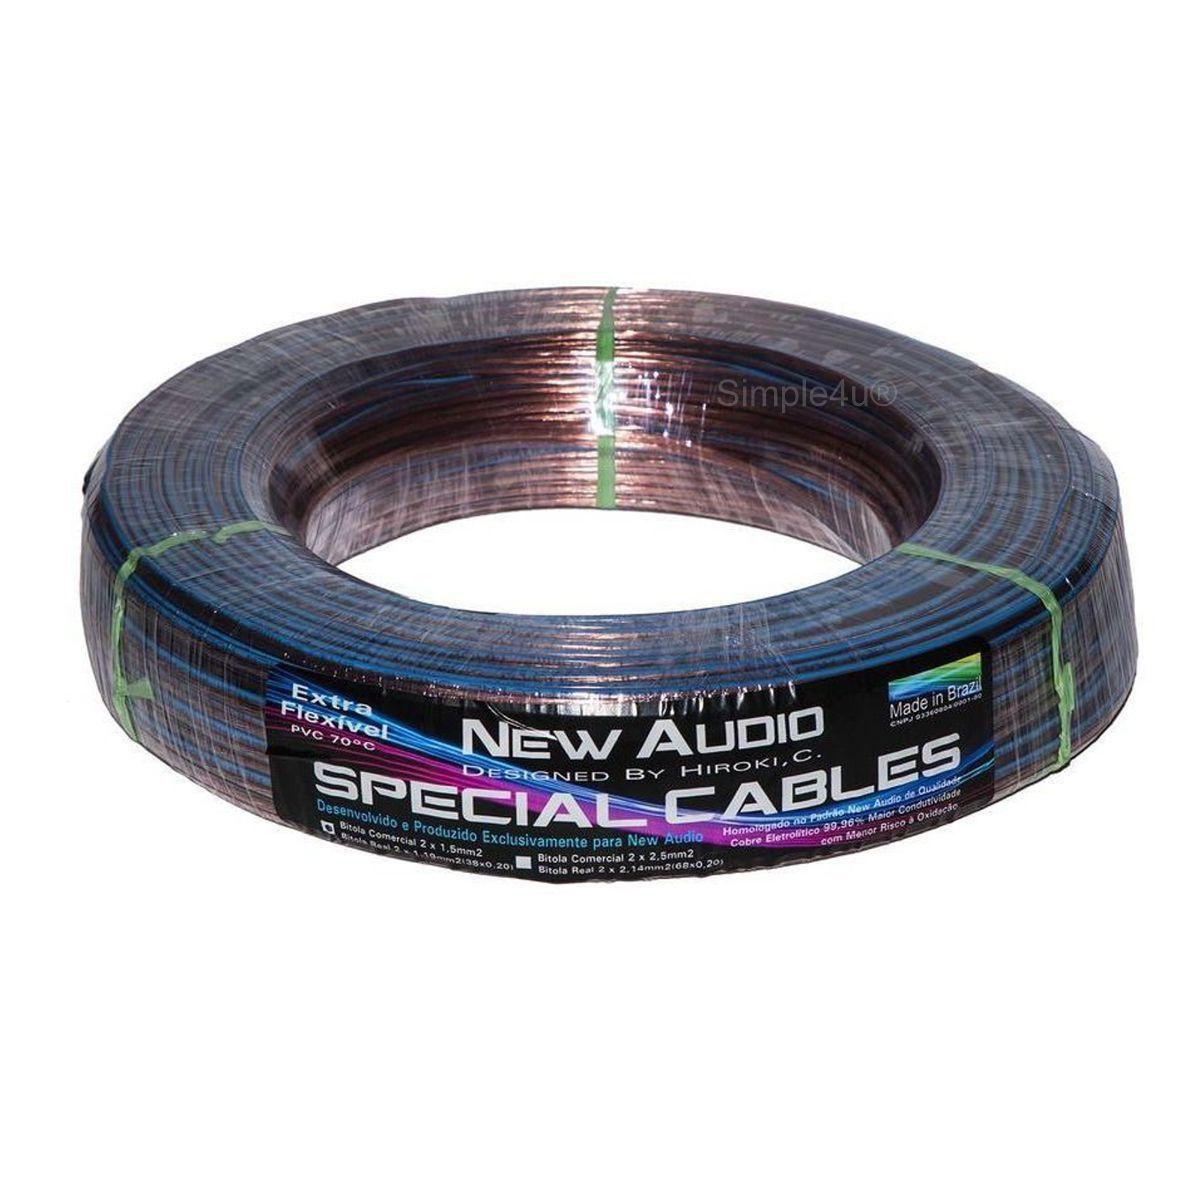 Cabo Polarizado Cristal P/ Caixa Acústica de Som Special Cables 2x1,50mm2 New Audio (100 MT)